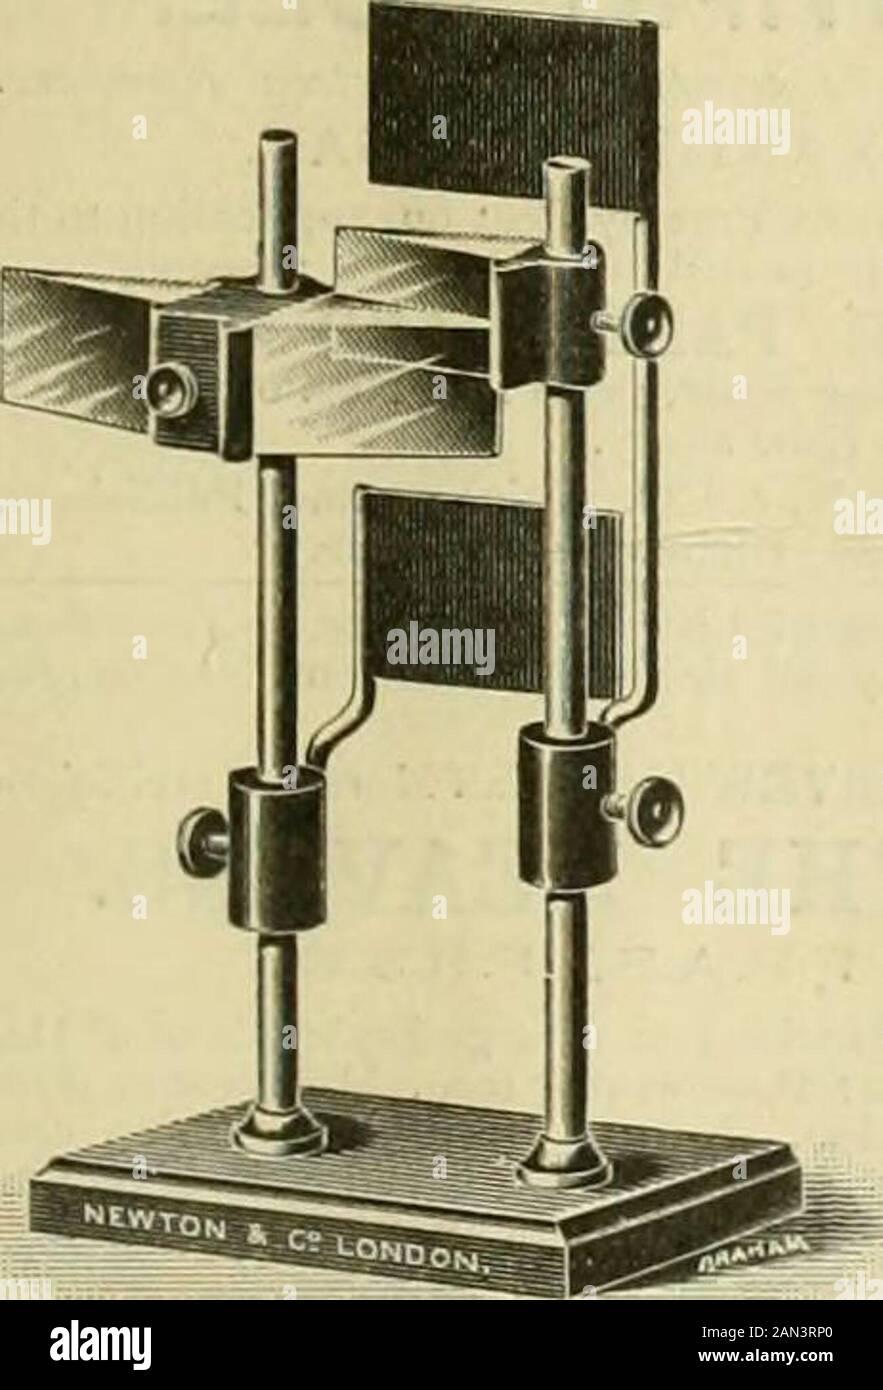 Ottone Tascabile di Dollond London Telescopio con Scatola in pelle